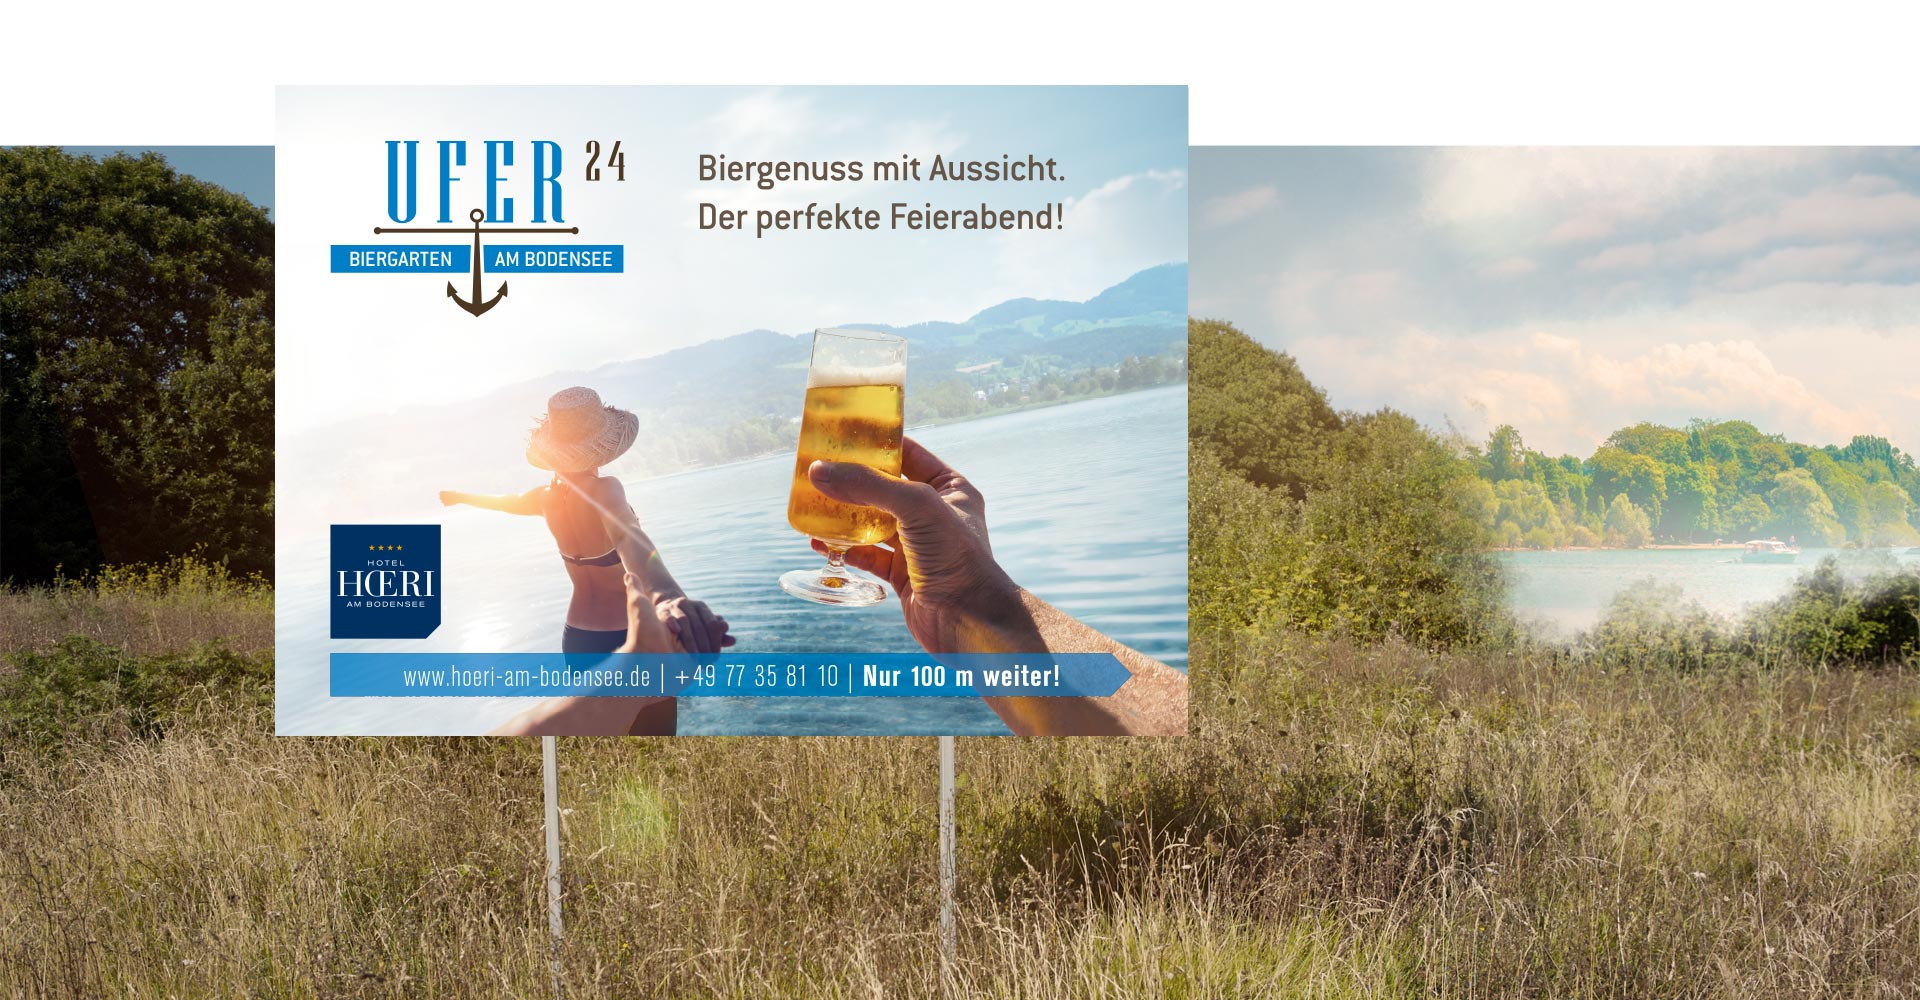 OPUS Marketing / Projekte / Hotel Hoeri am Bodensee / Großflächenwerbung / Plakat / Biergarten